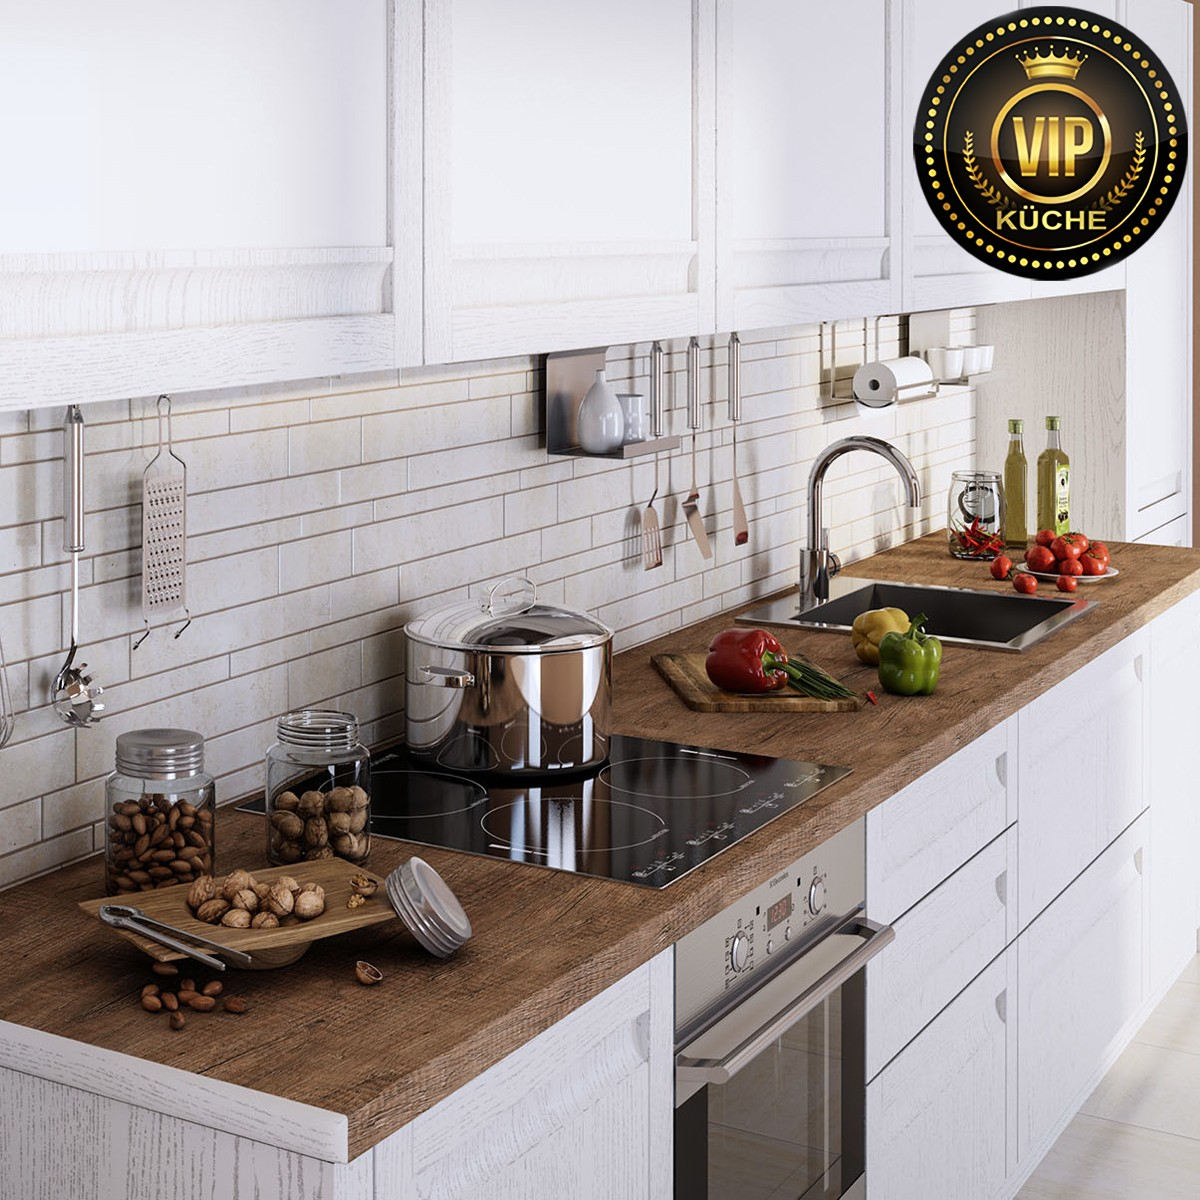 Full Size of Küche Weiß Hochglanz Anthrazit Küche Weiß Hochglanz Mit Elektrogeräten Bartisch Küche Weiß Hochglanz Hängeschrank Küche Weiß Hochglanz Küche Küche Weiß Hochglanz